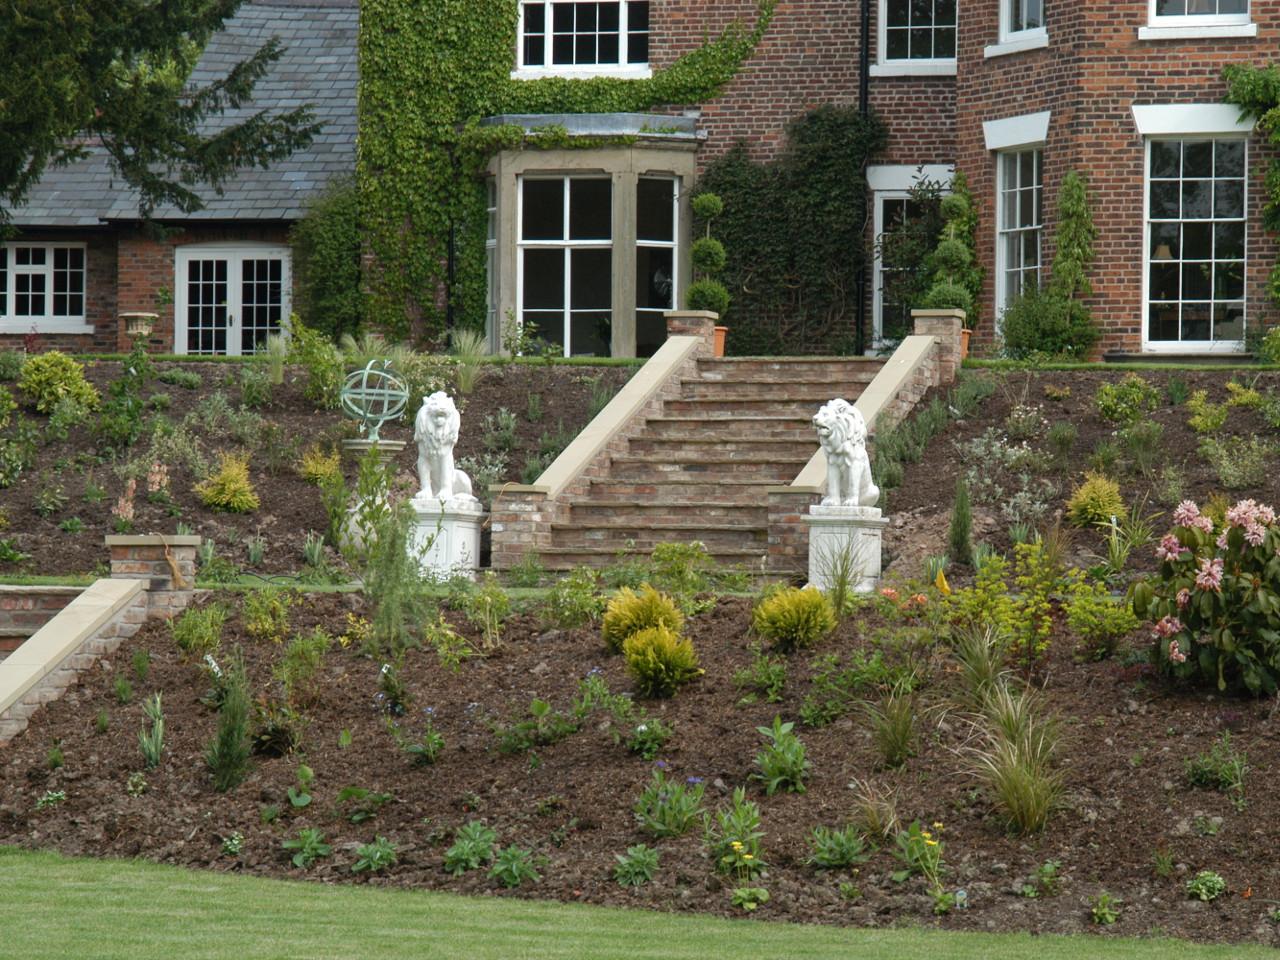 Landscapers in Alderley Edge